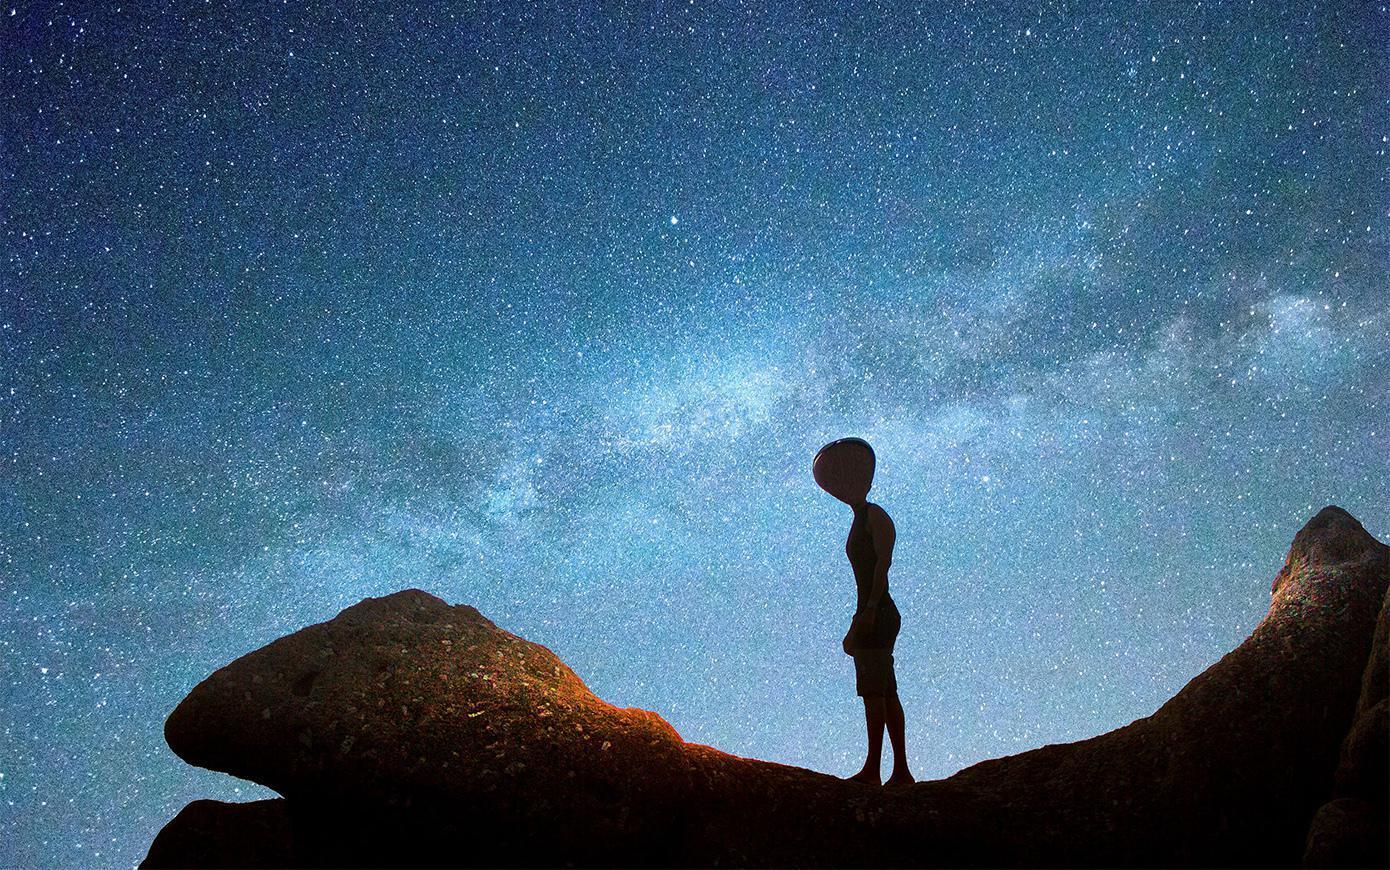 Ученые создали новое устройство для поиска жизни за пределами Солнечной системы